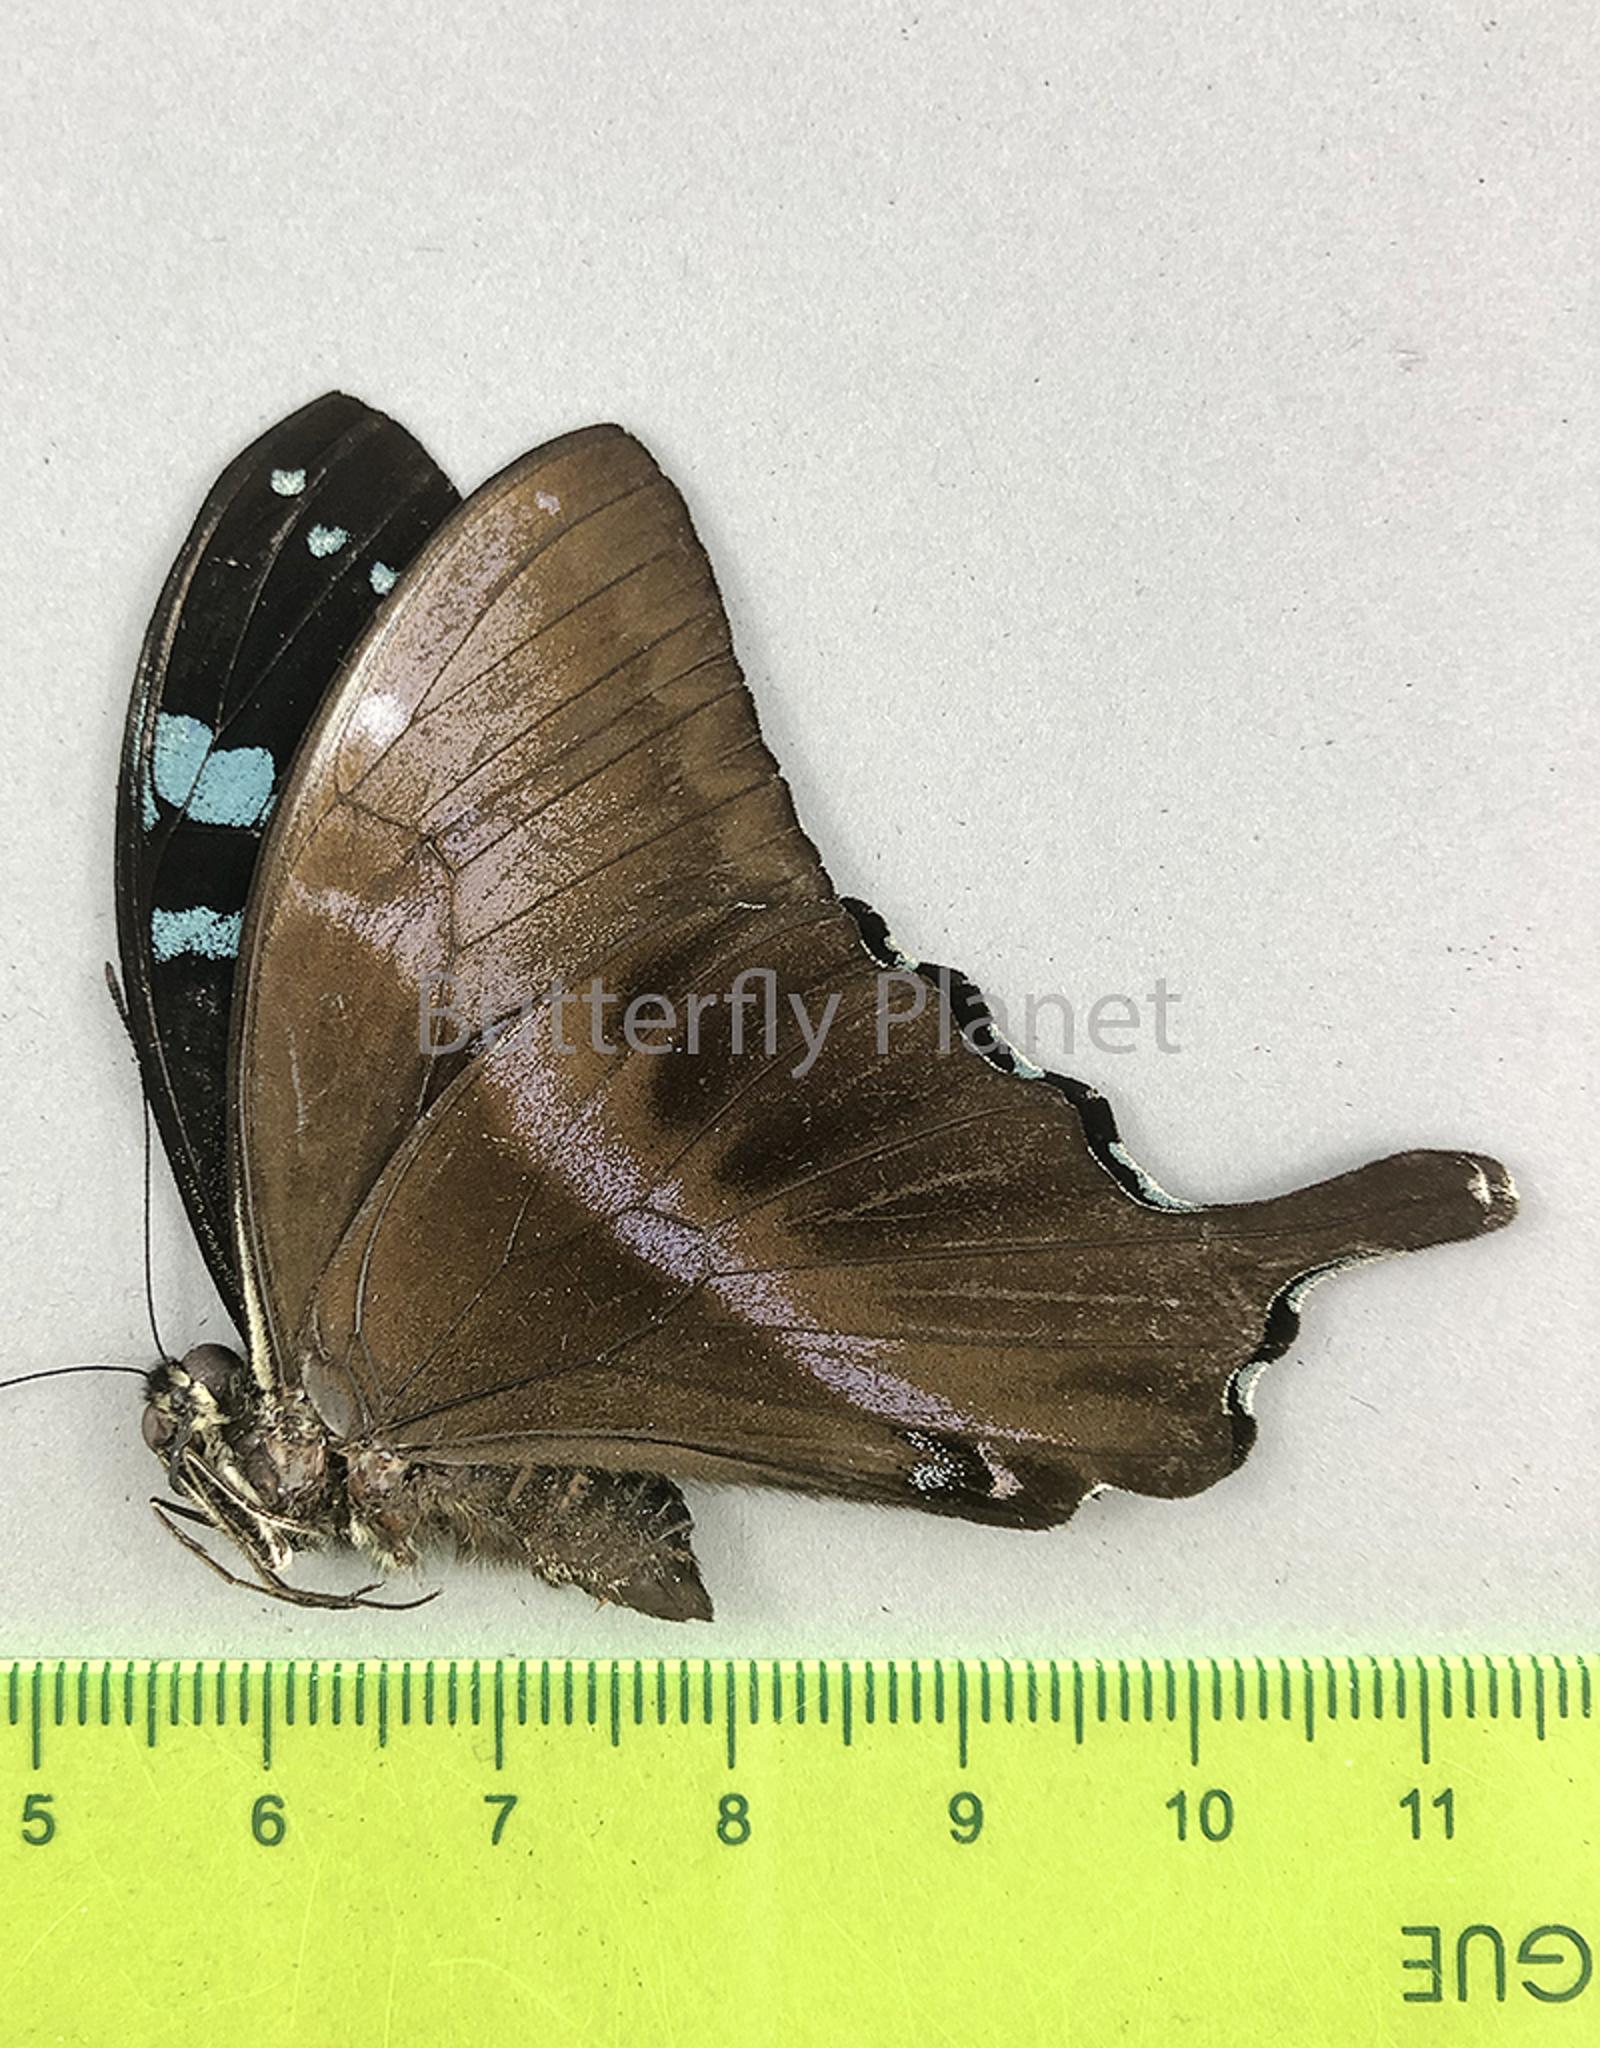 Papilio mangoura M A1 Madagascar